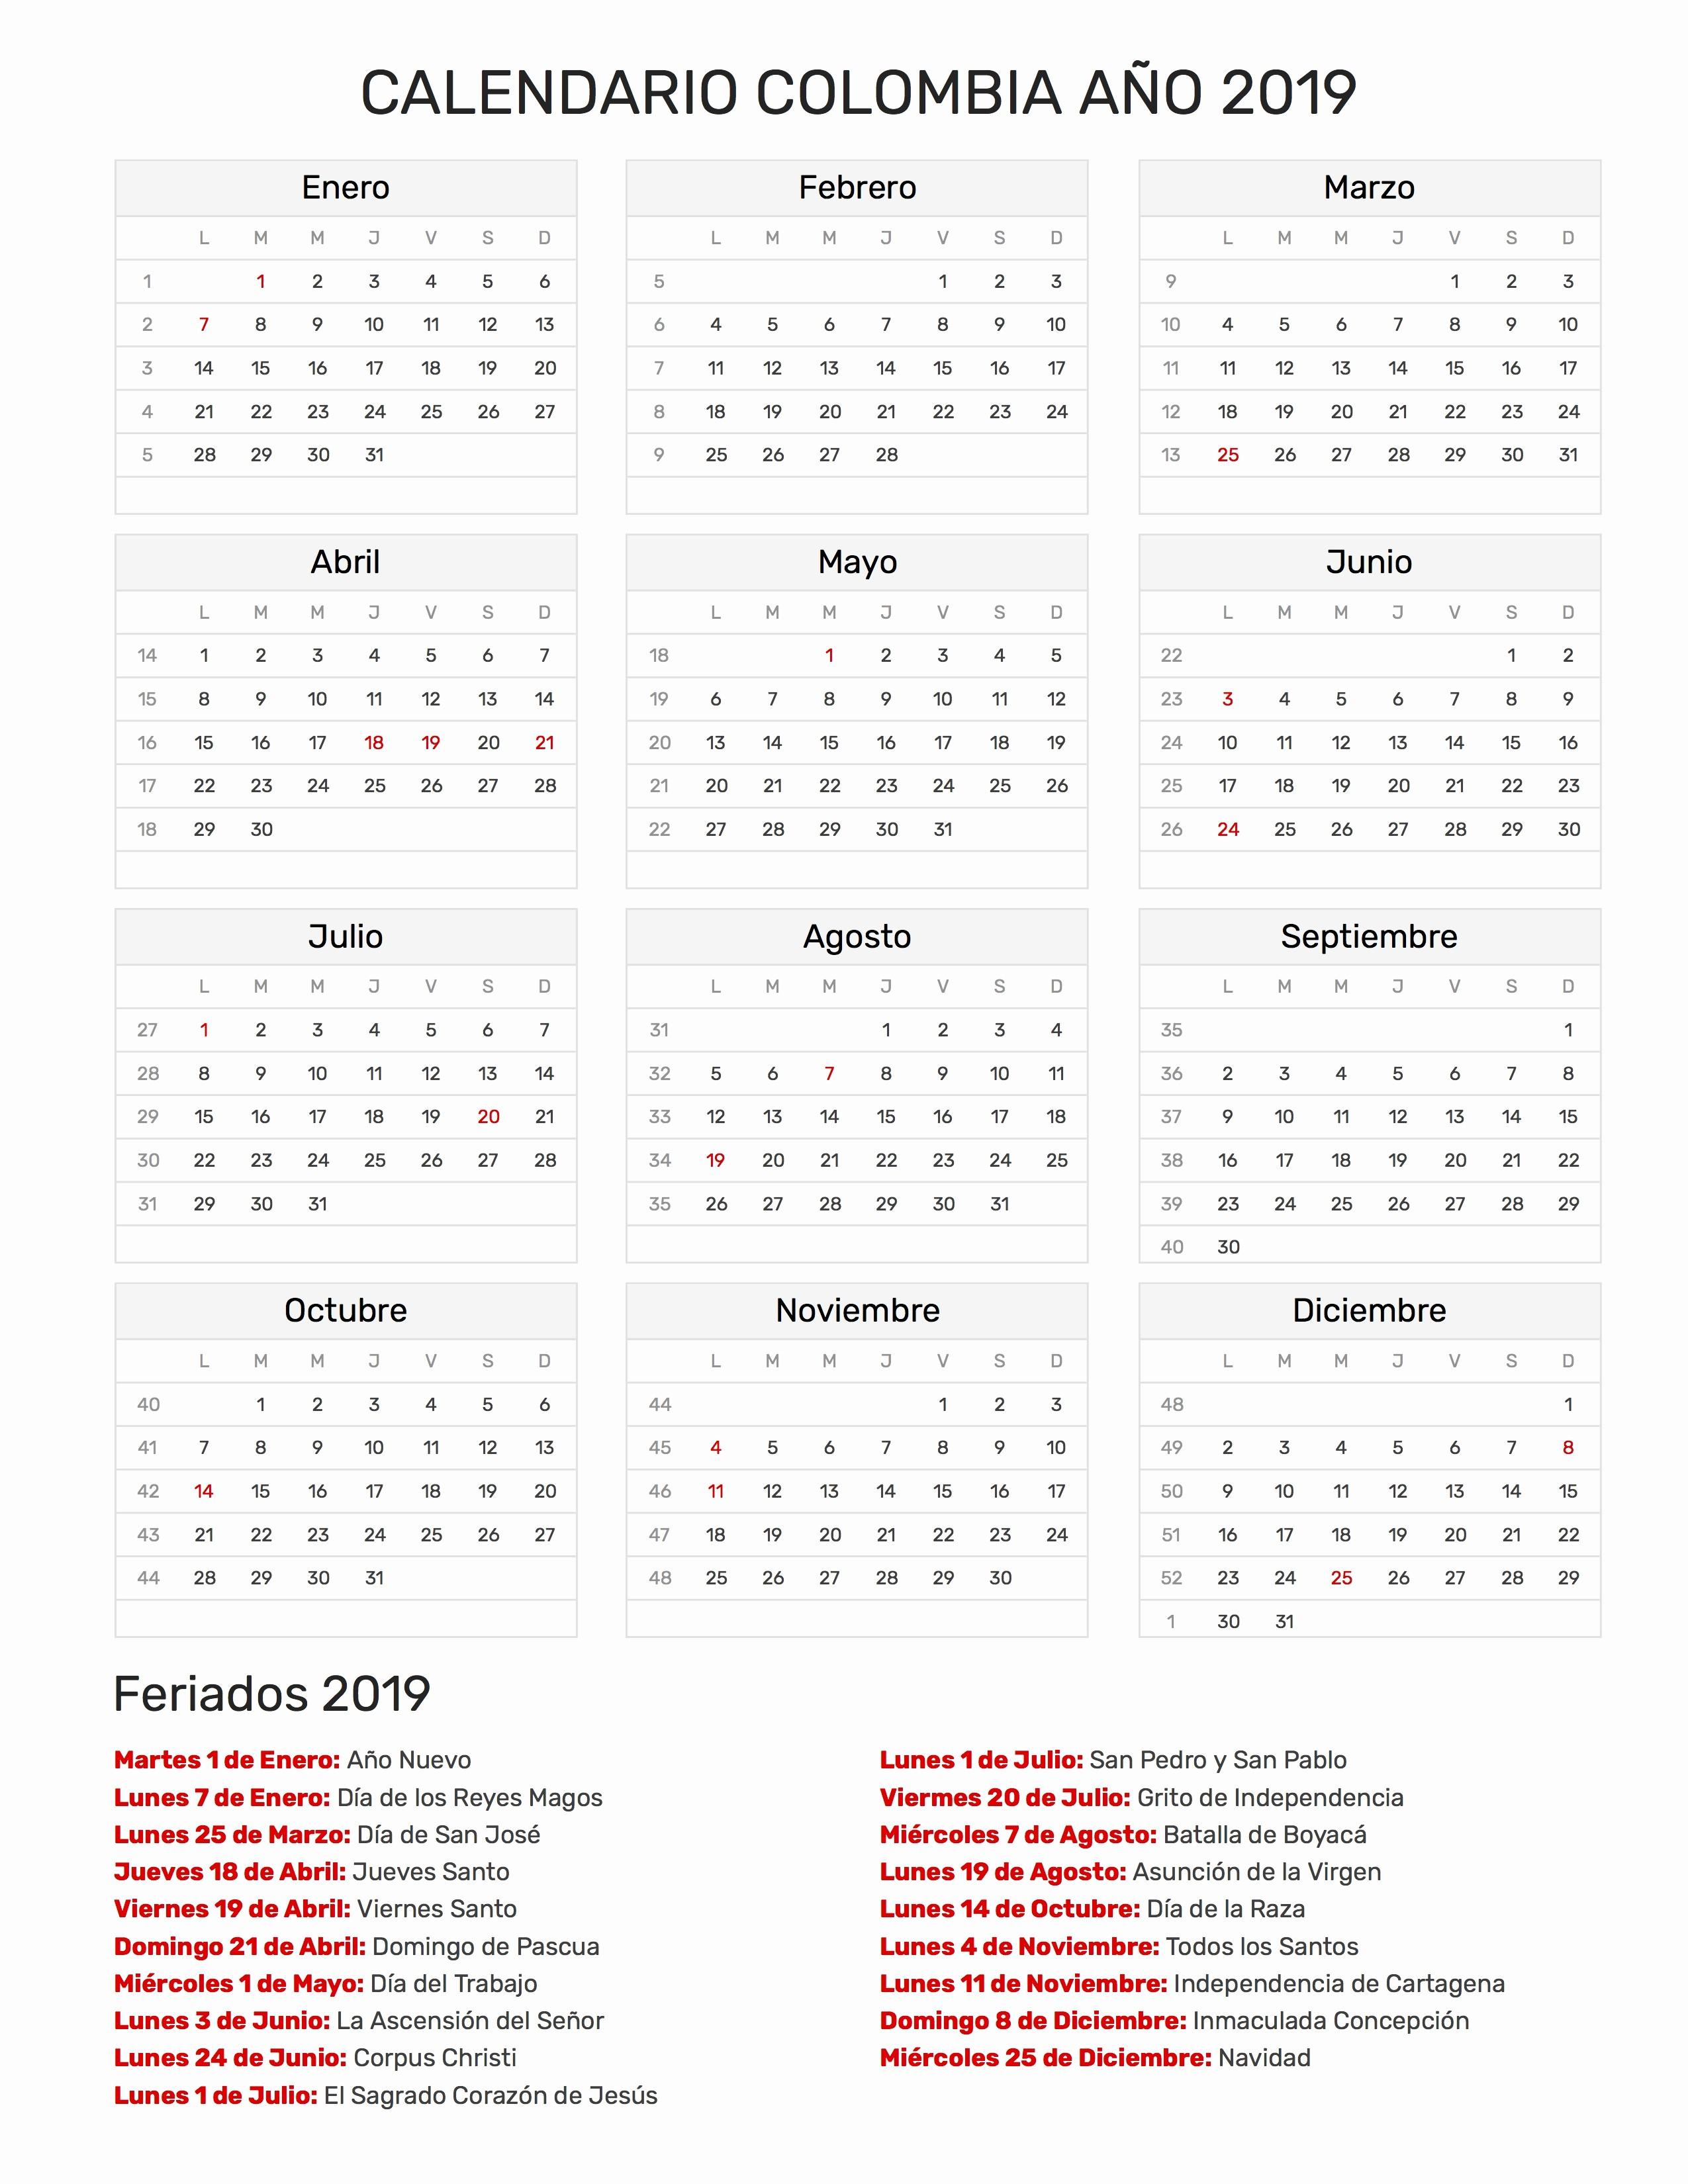 Calendario Escolar 2019 Dias Festivos Más Populares Calendario Dr 2019 Calendario Colombia Ano 2019 Feriados Of Calendario Escolar 2019 Dias Festivos Más Arriba-a-fecha Es Calendario Escolar 2017 Por Meses Para Imprimir